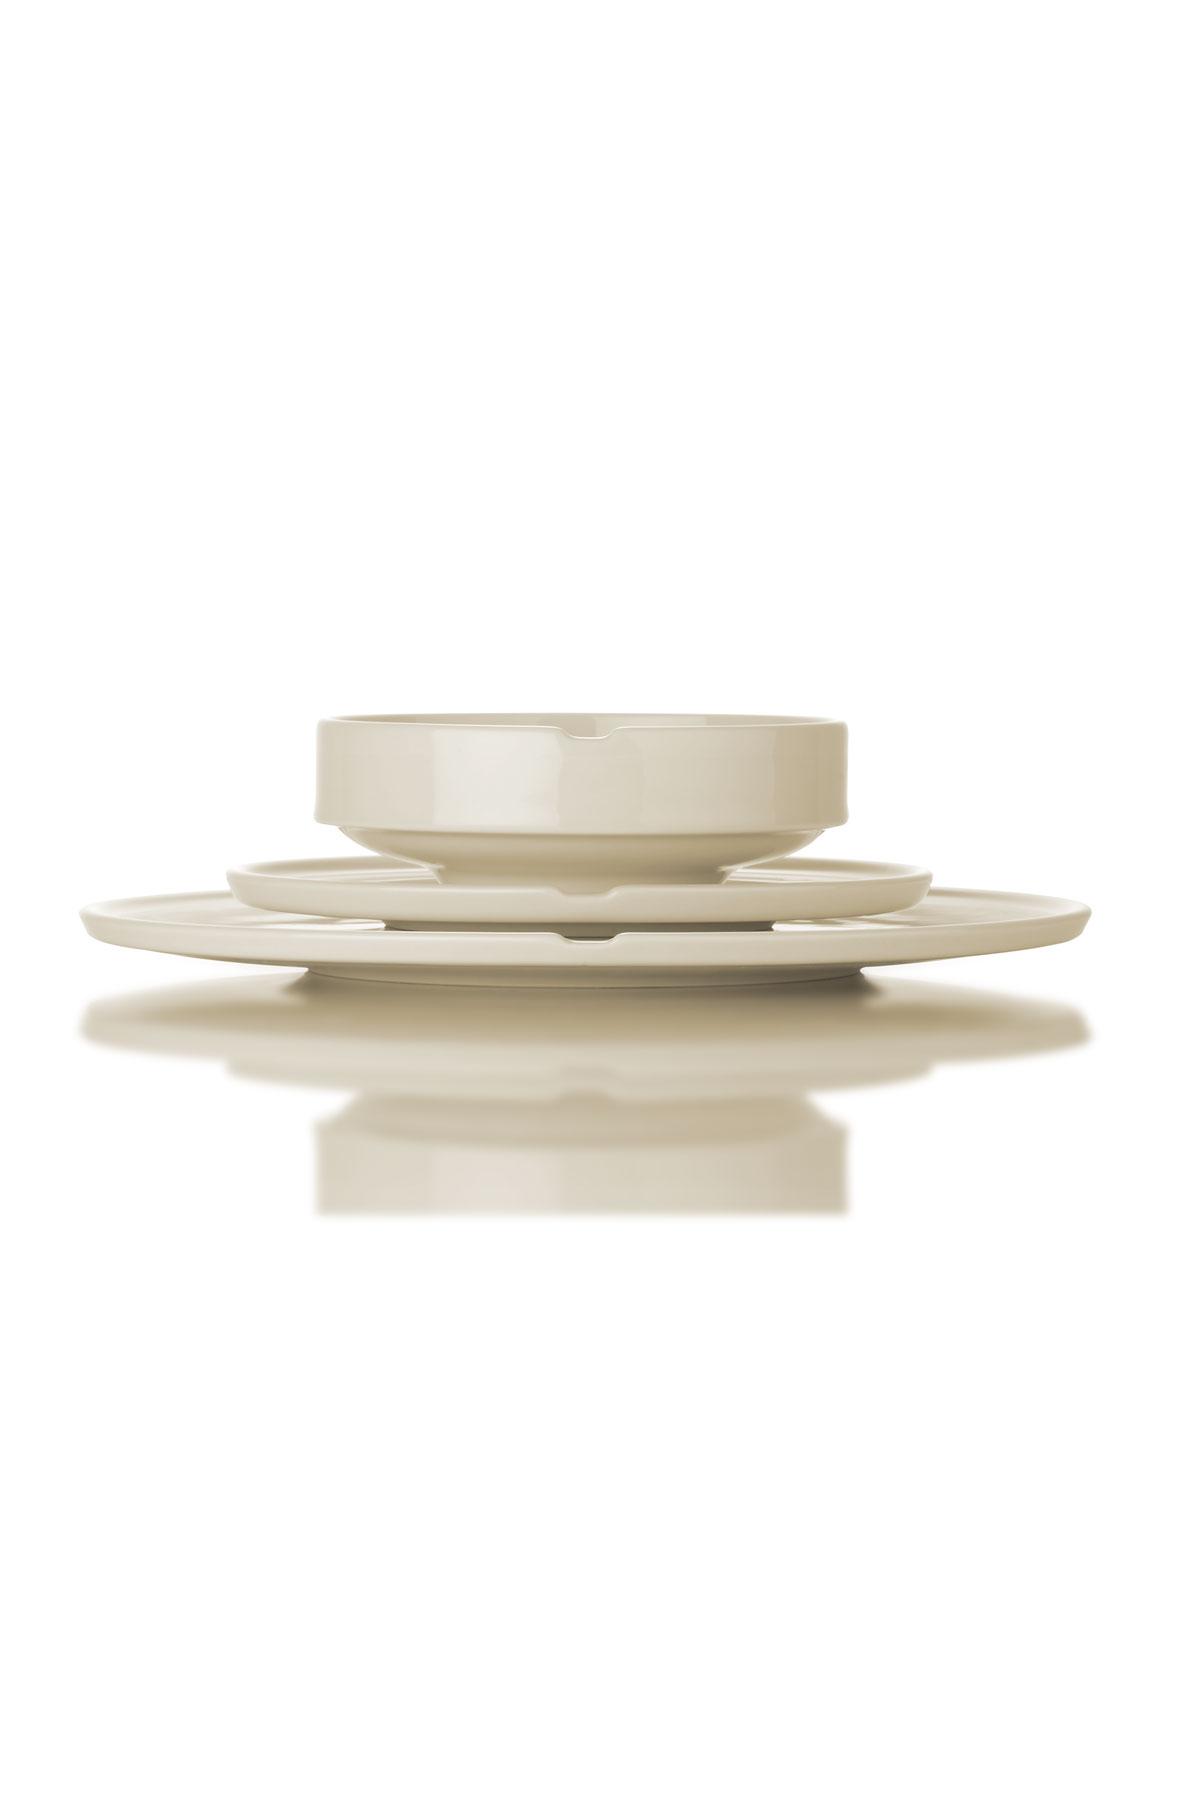 Kütahya Porselen Chef Taste Of 36 cm Kayık Tabak Krem